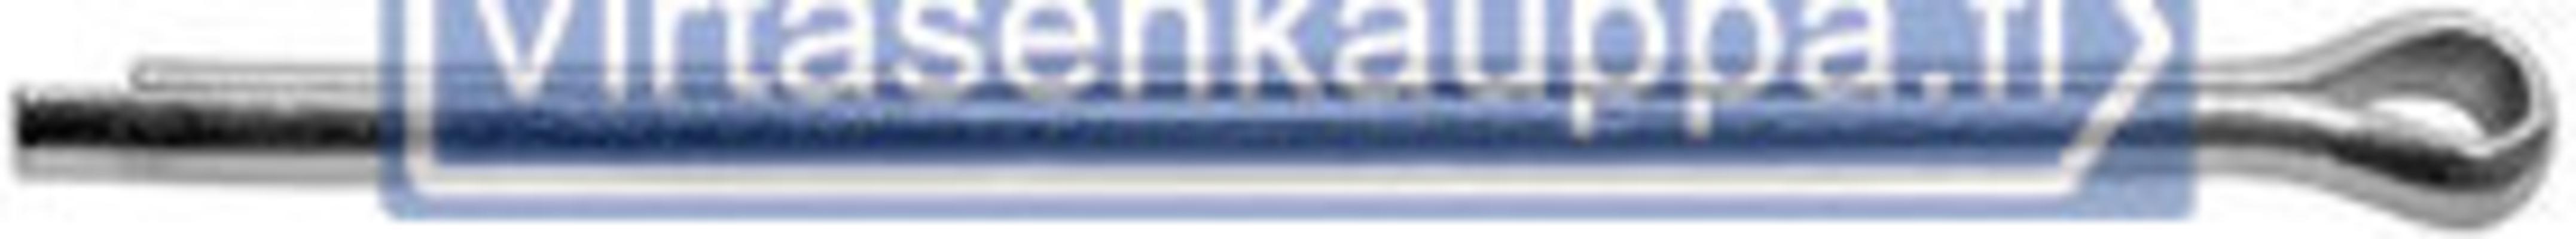 SAKSISOKKA DIN94 A2 - SAKSISOKKA 1,5X30 DIN94 A2 40KPL